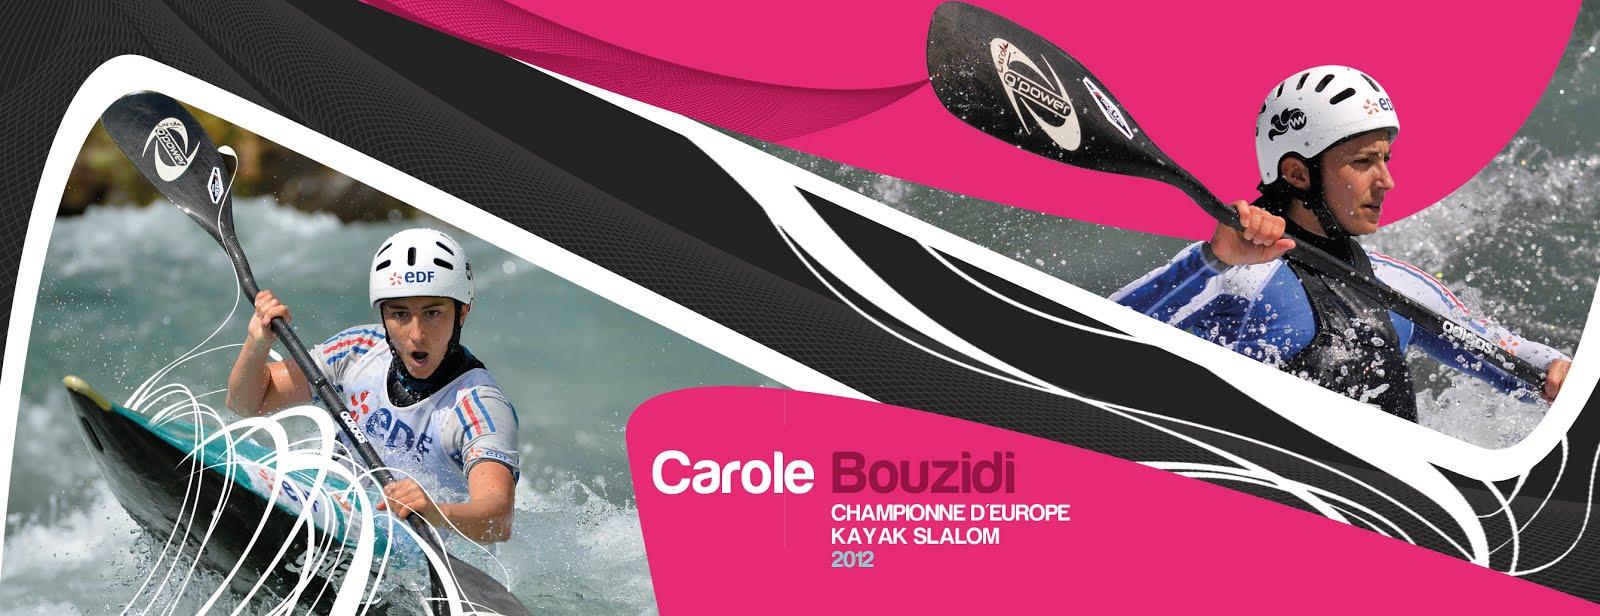 Carole Bouzidi